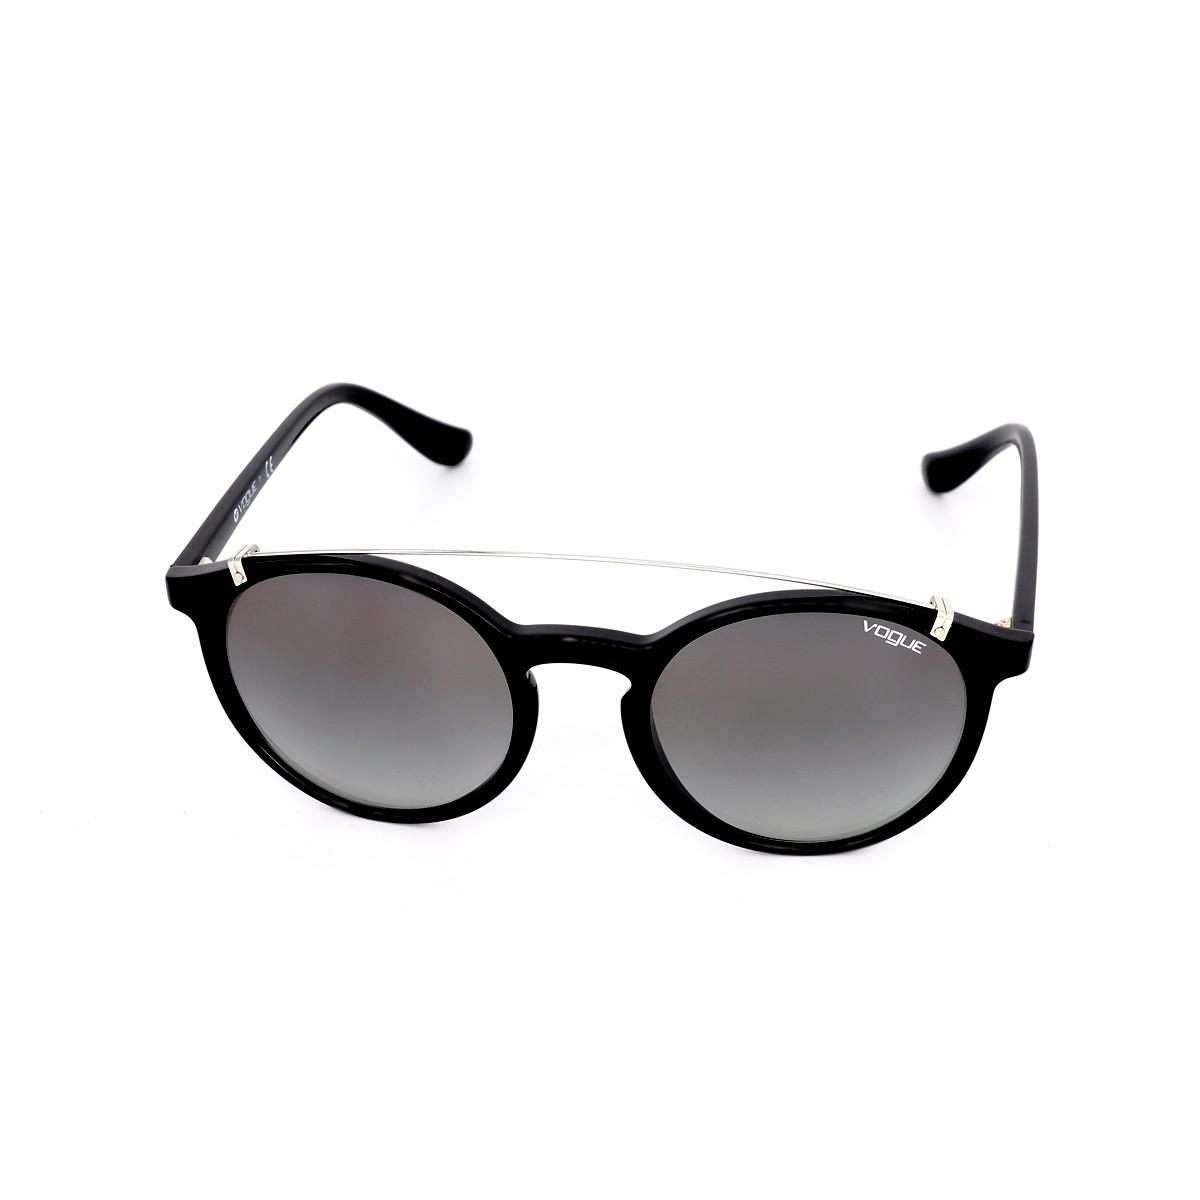 Vogue 5161 nero, 67,86€, Occhiali Vogue Nero a forma Rotondo